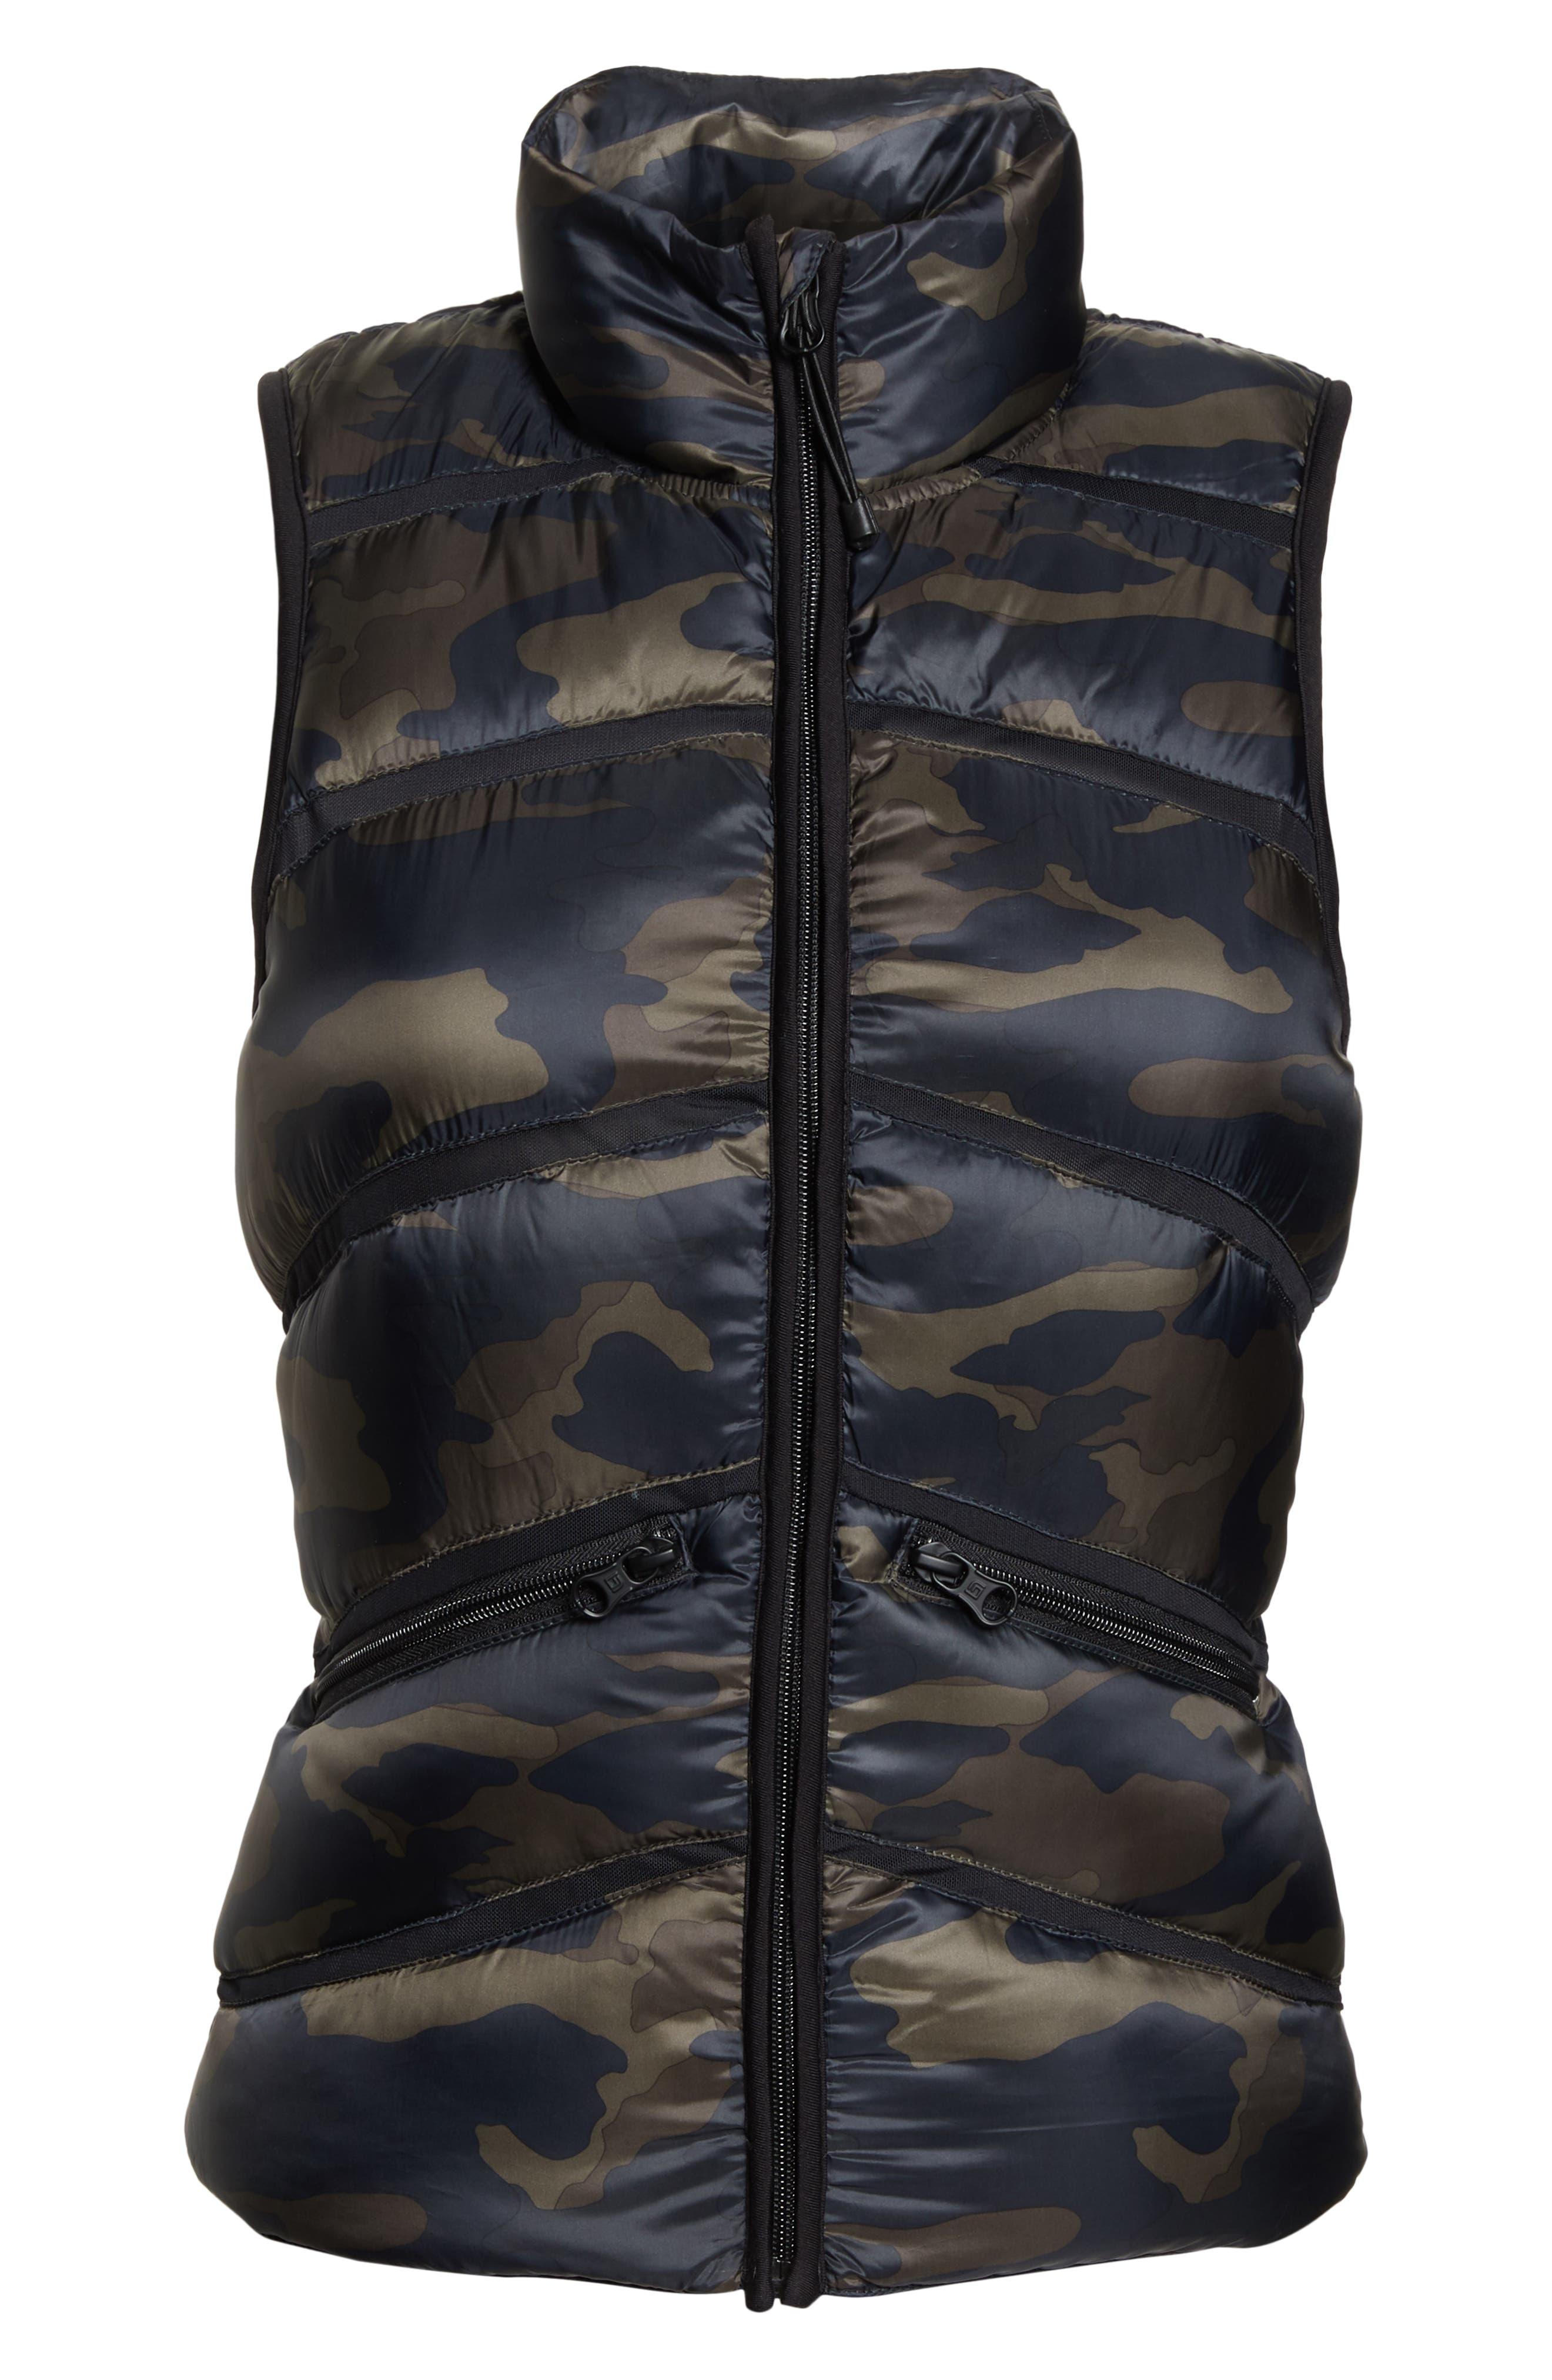 BLANC NOIR Mesh Inset Down Vest, Main, color, CAMO/ BLACK